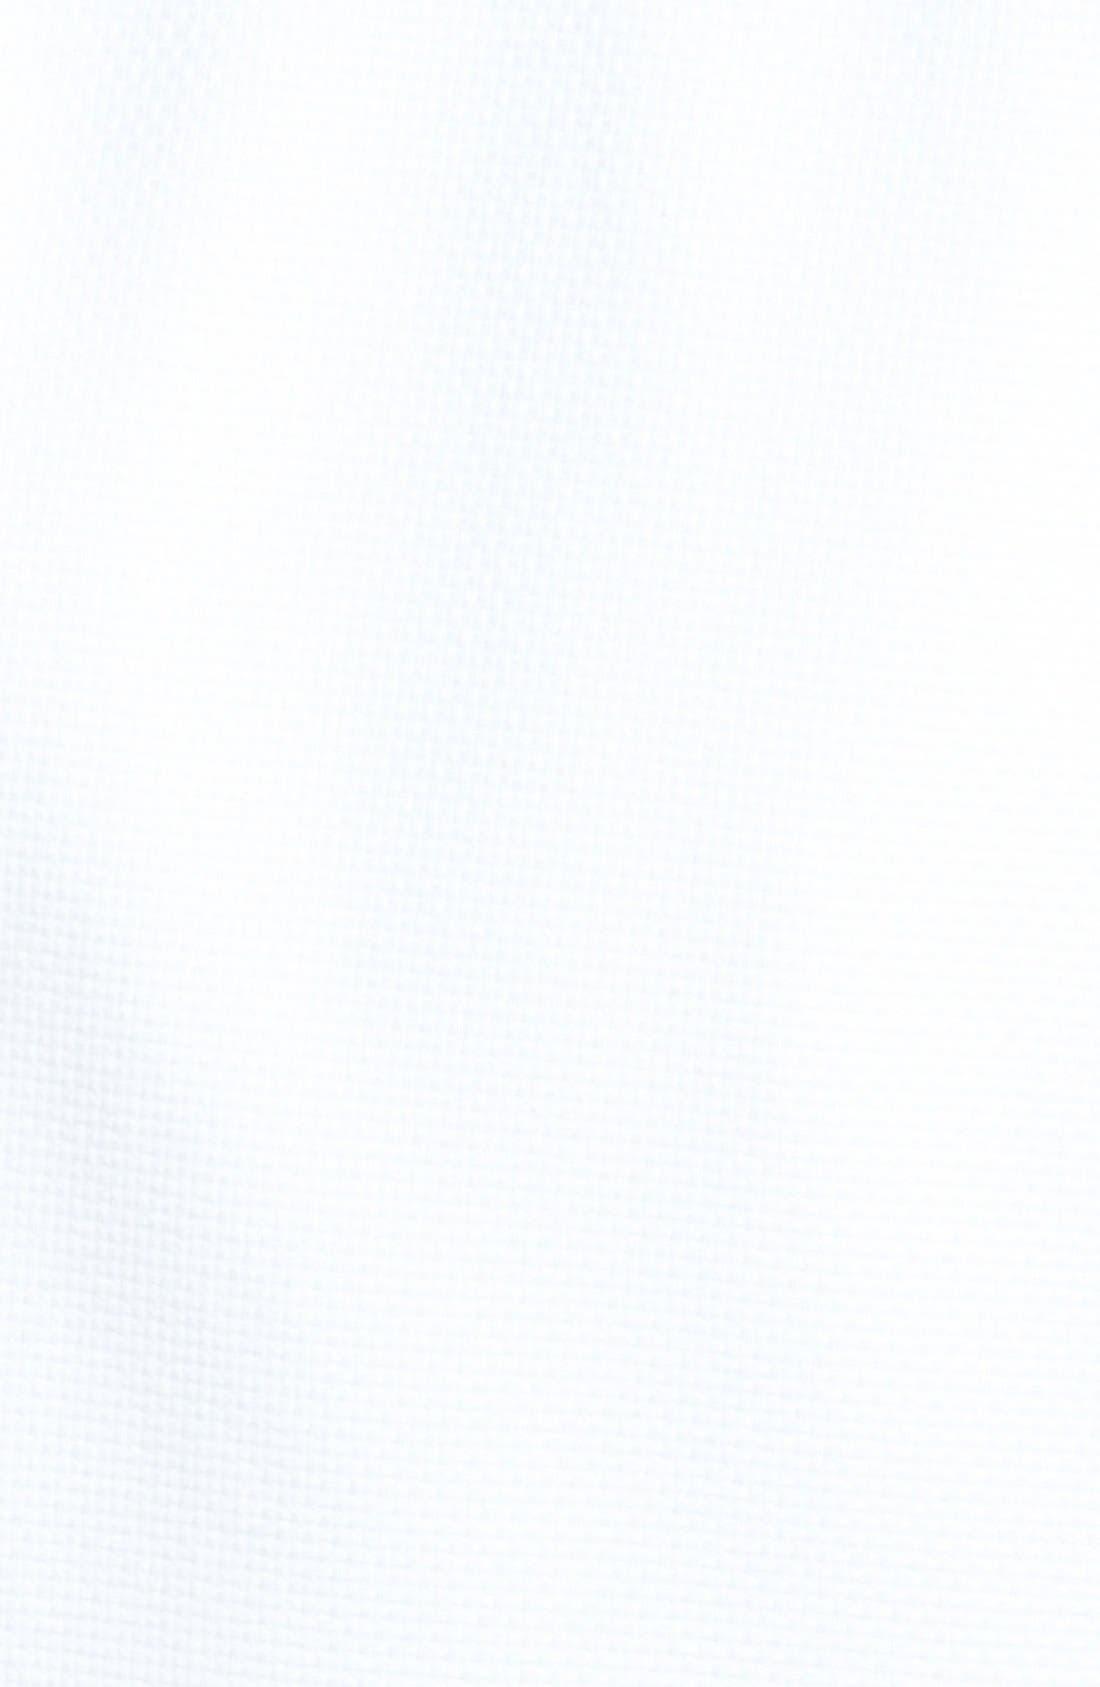 Alternate Image 3  - Ted Baker London Structured Shoulder Jacket